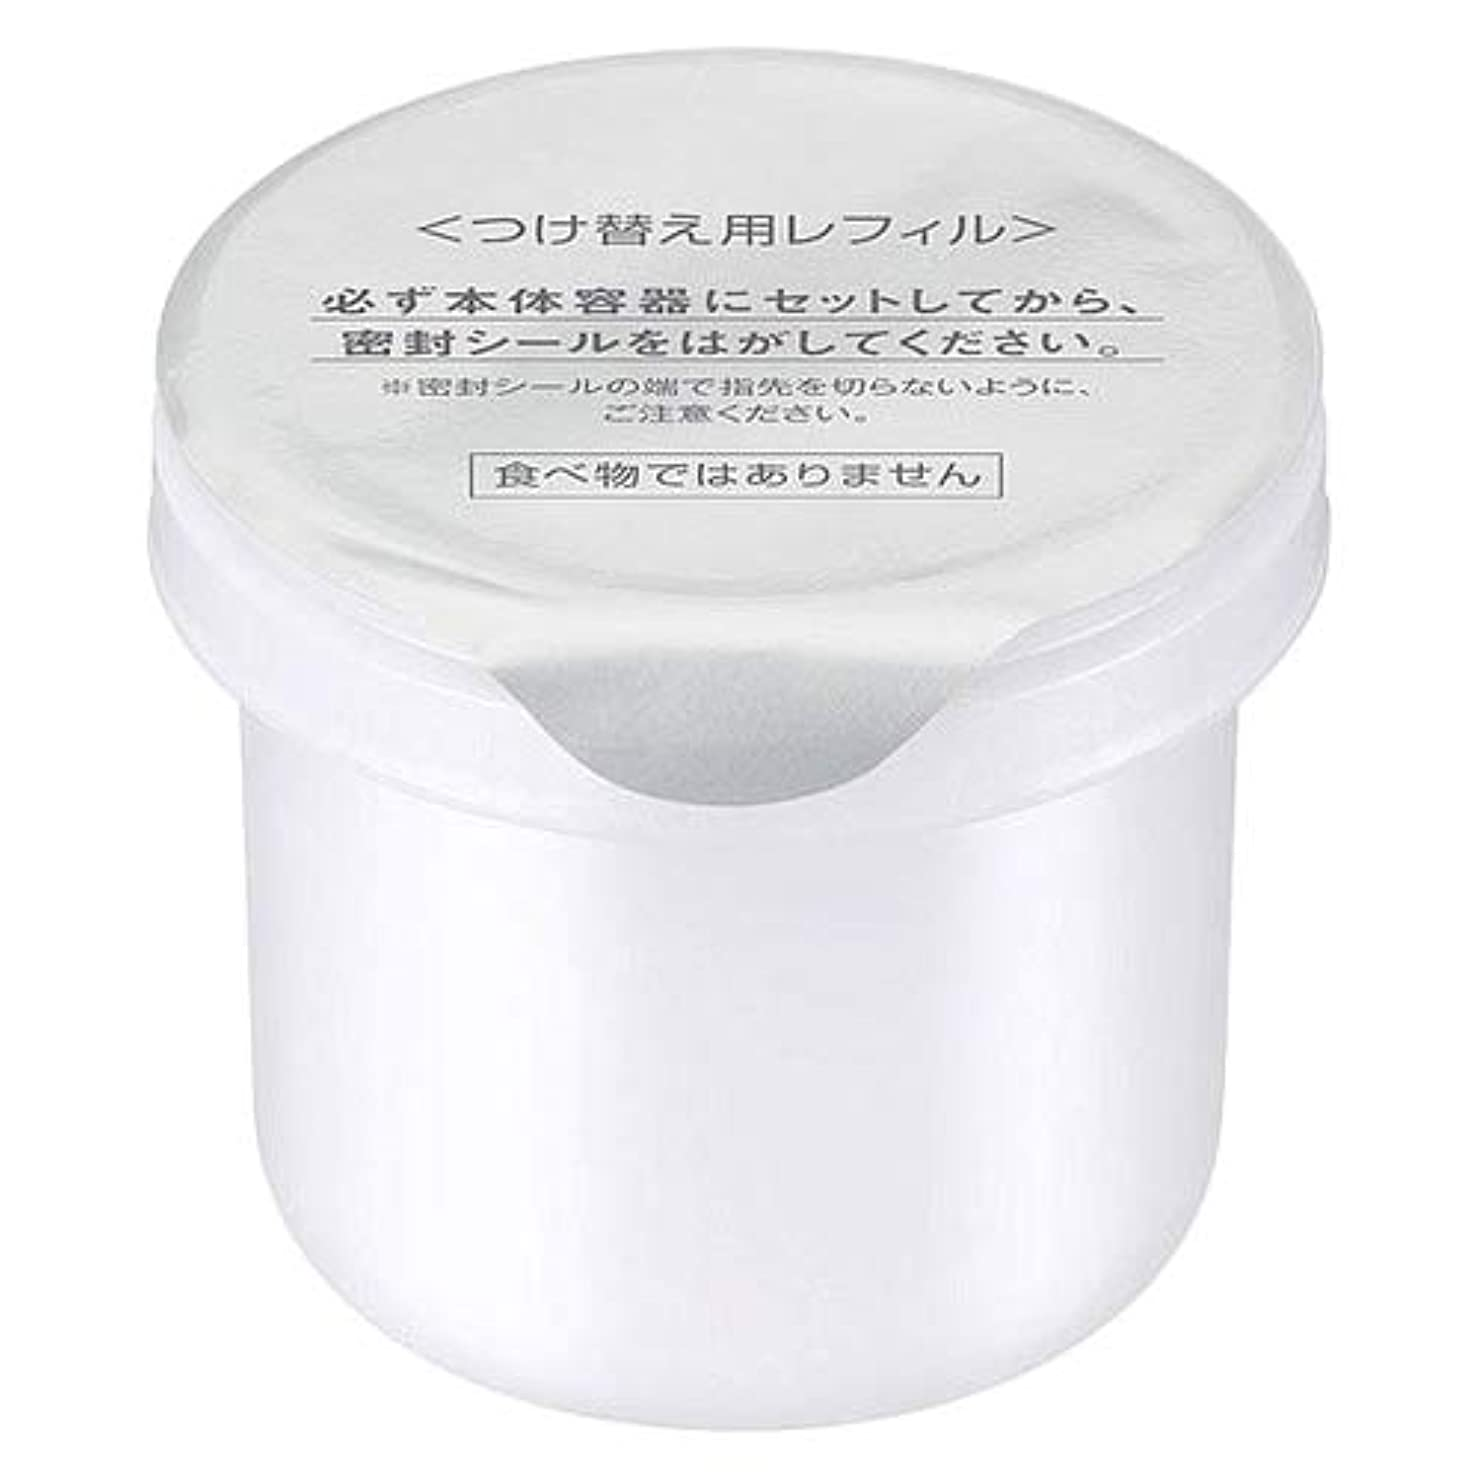 退院ペストたくさんカネボウ デュウ KANEBO DEW ブライトニングクリーム (レフィル) 30g [並行輸入品]